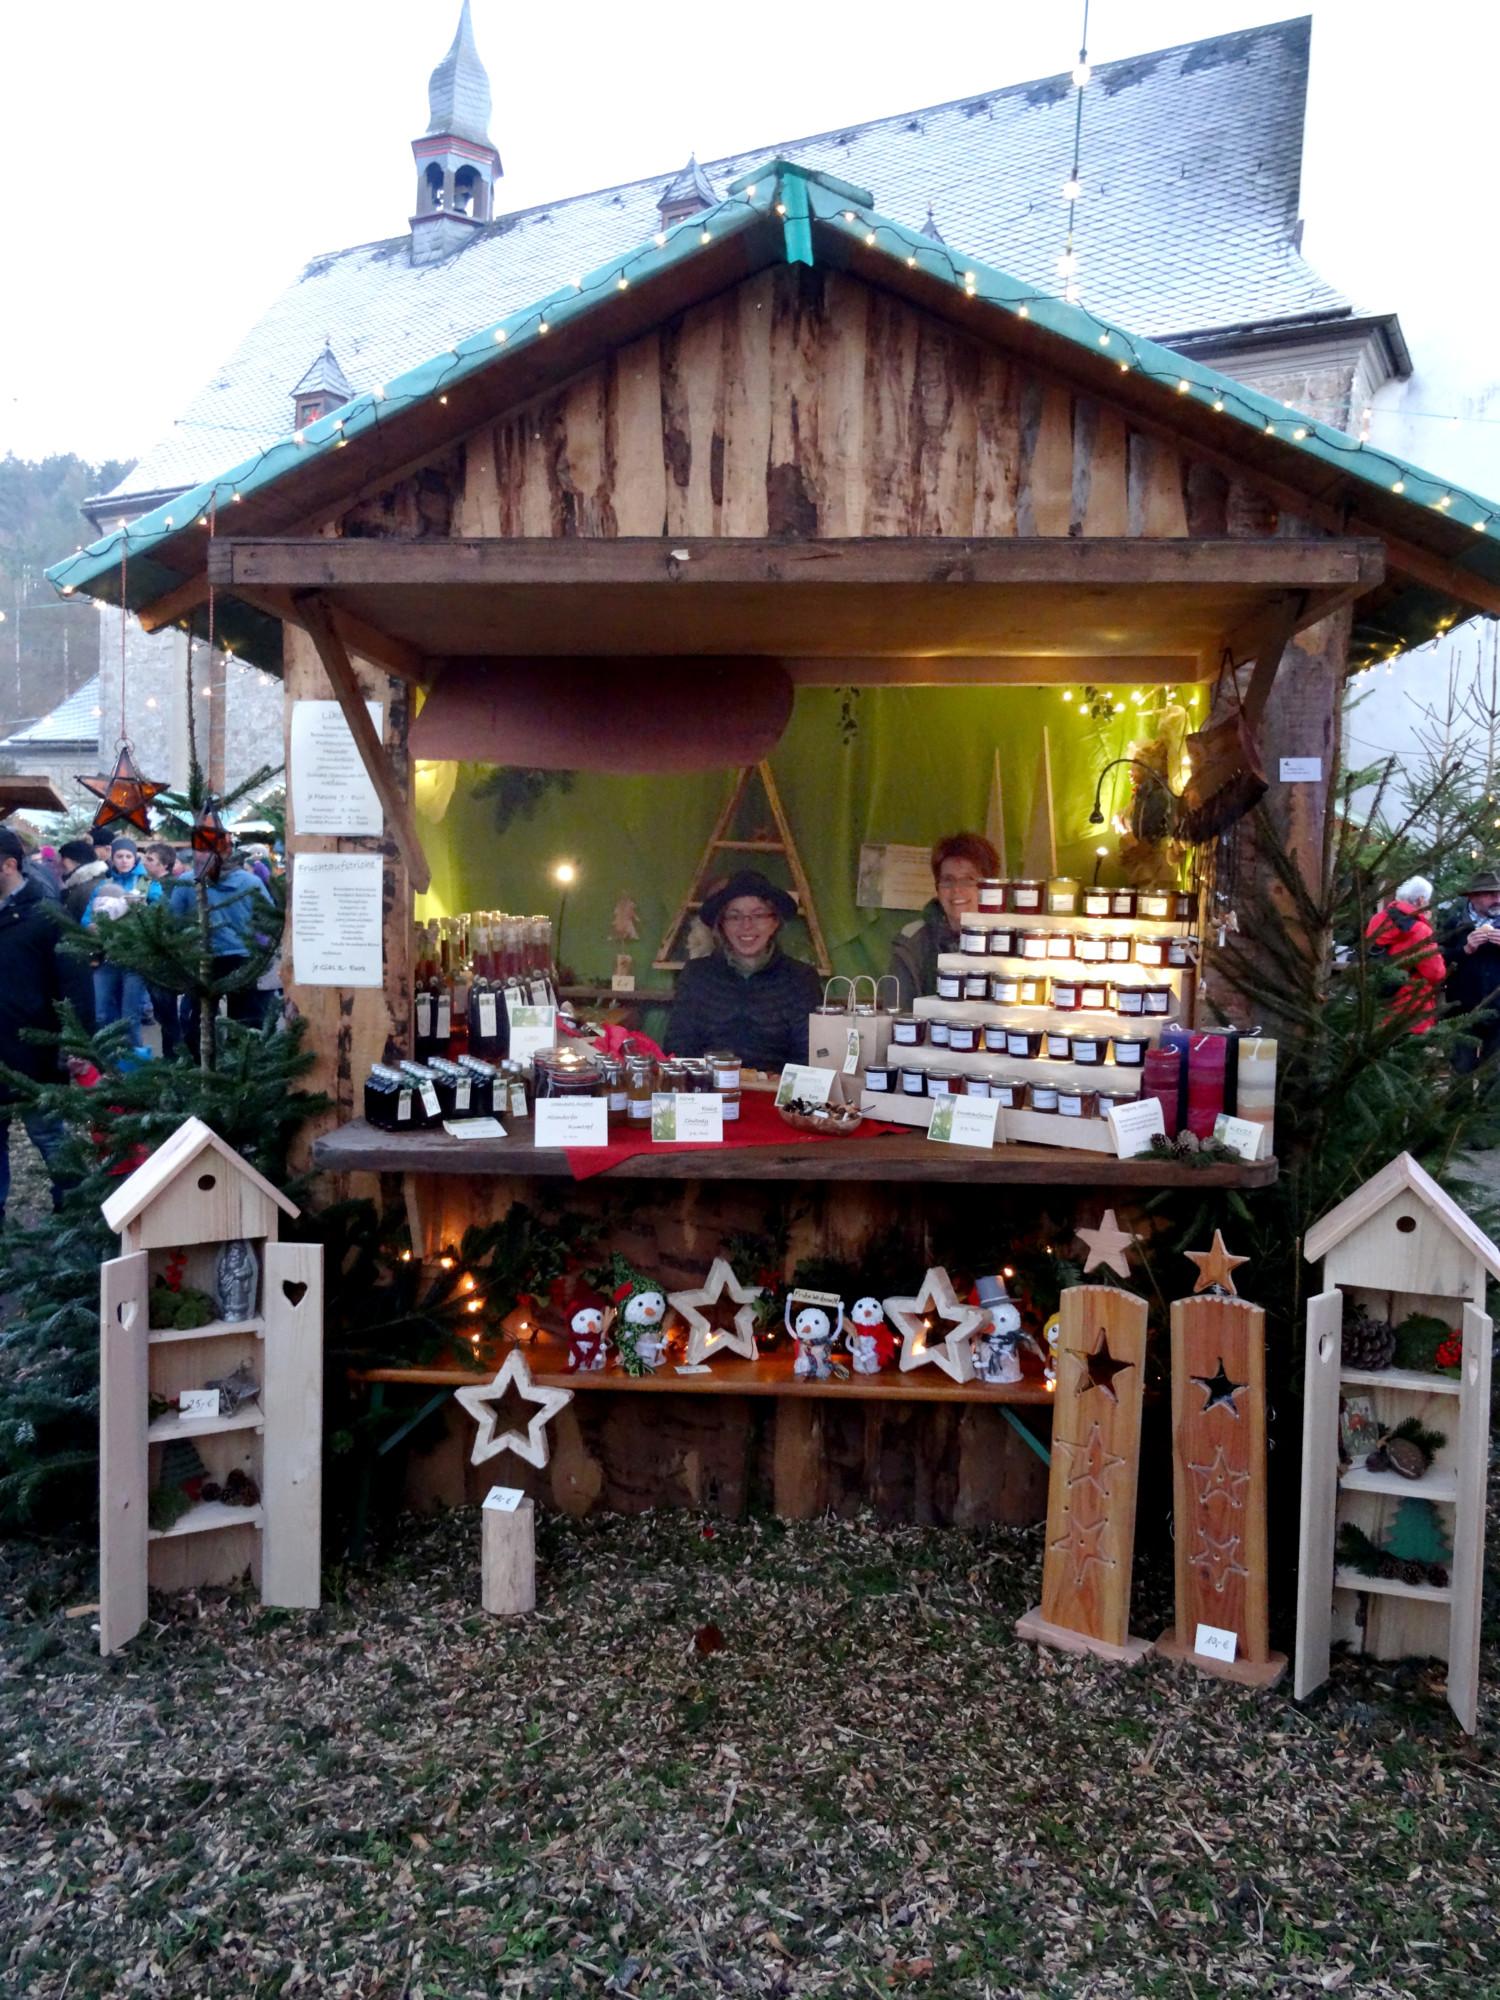 Willingen Weihnachtsmarkt.Der Besondere Weihnachtsmarkt In Sundern Allendorf Woll Magazin